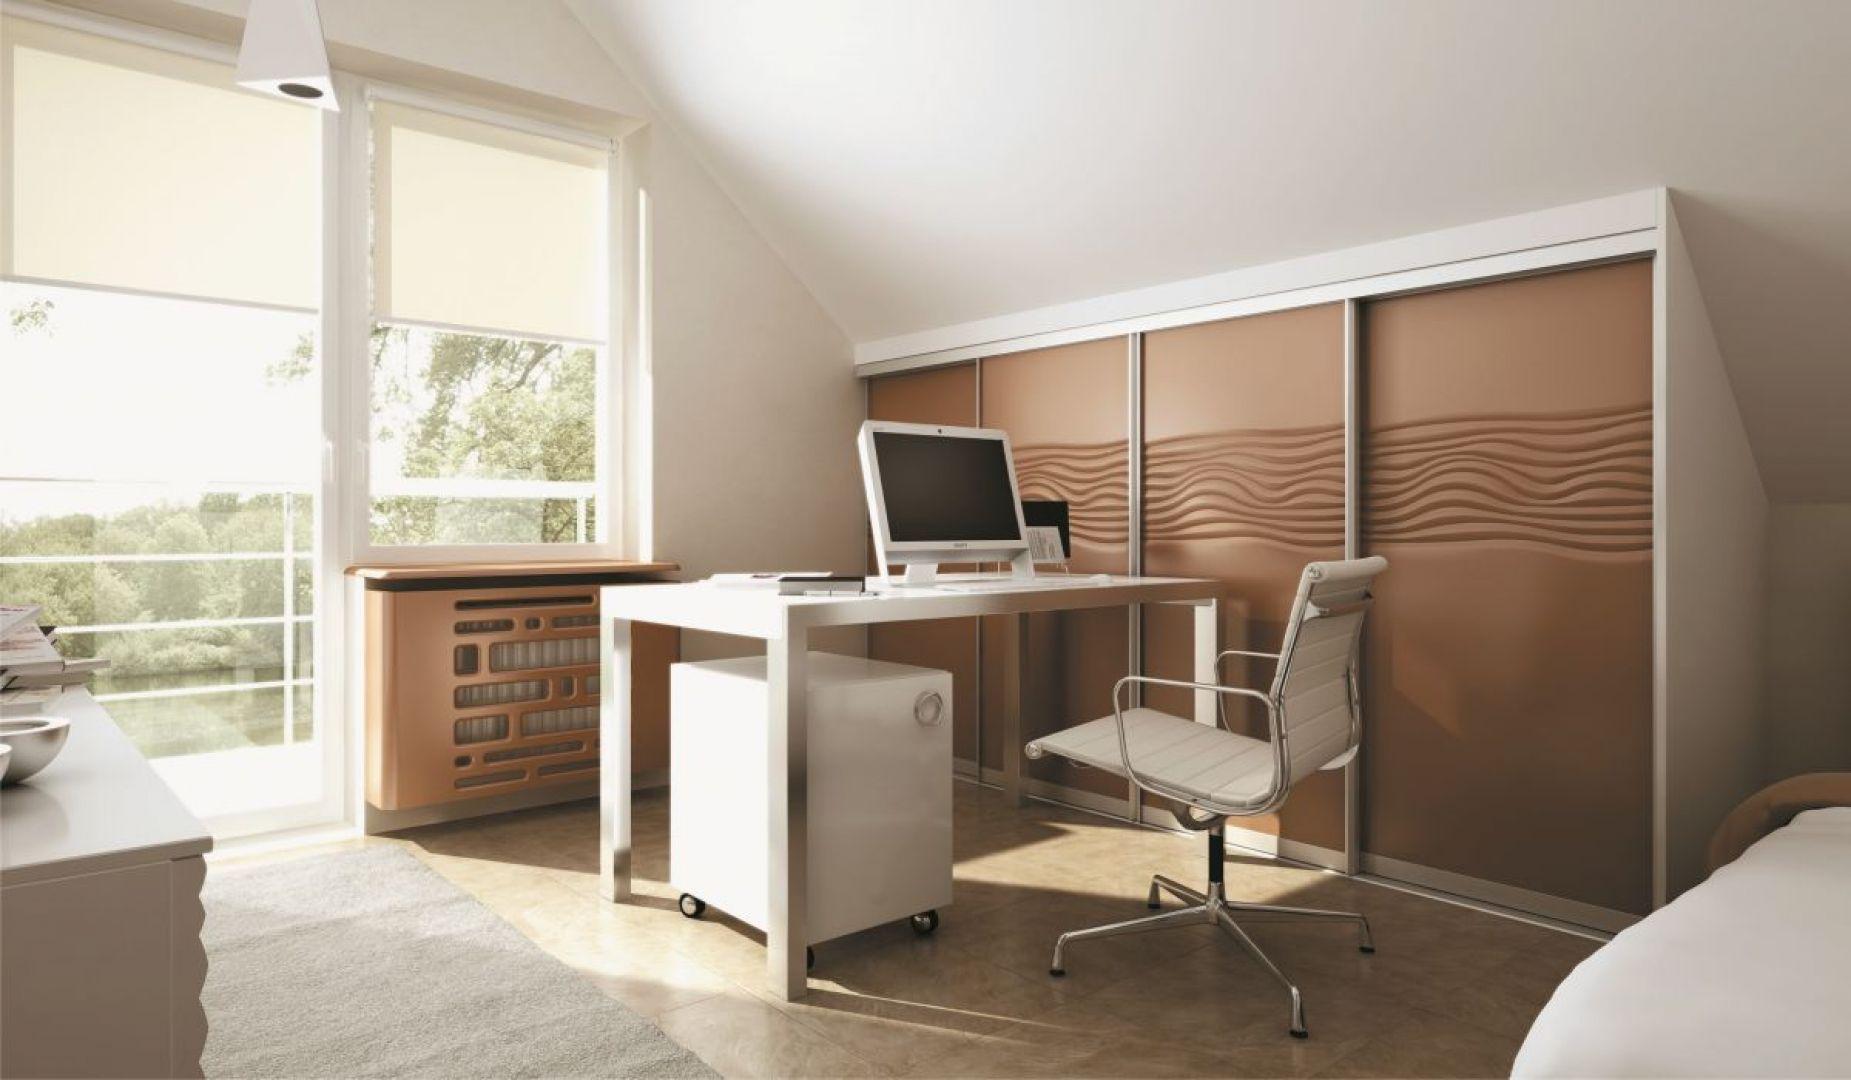 Biuro na poddaszu - przykład zastosowania szafy z drzwiami przesuwnymi na poddaszu. Fot. Komandor